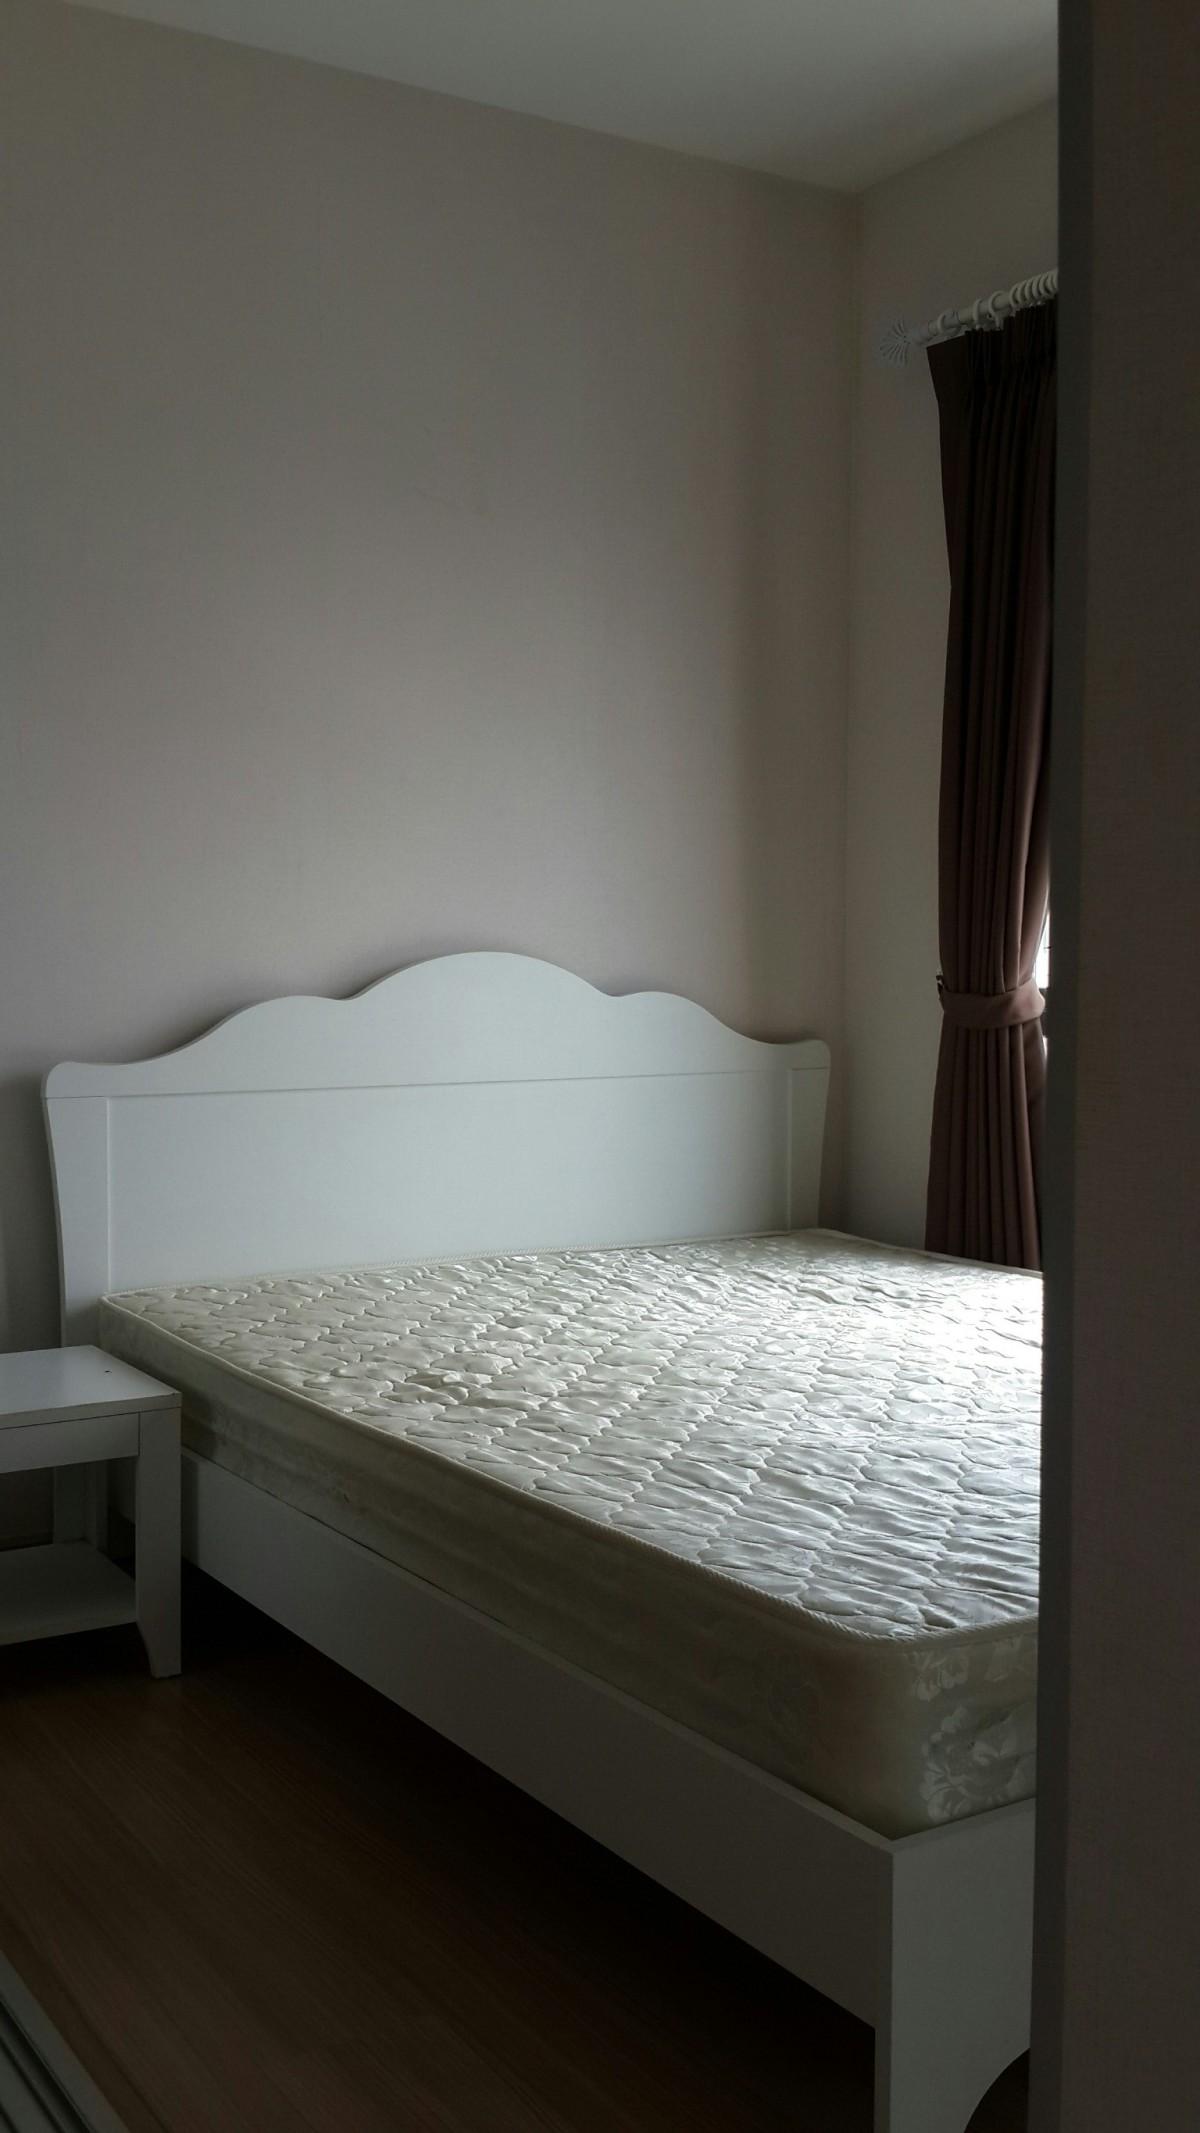 รูปของประกาศเช่าคอนโดพลัม คอนโด บางใหญ่ สเตชั่น(1 ห้องนอน)(3)